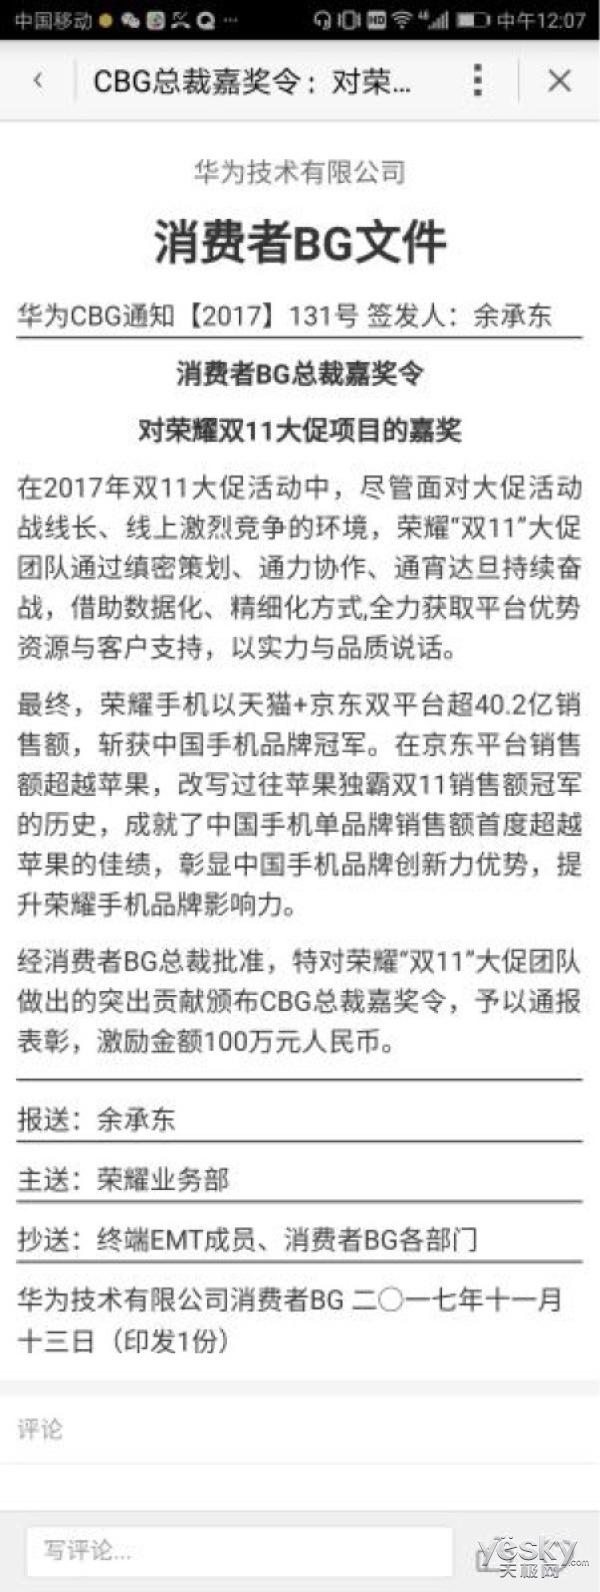 双十一荣耀手机创新纪录 余承东发奖励100万